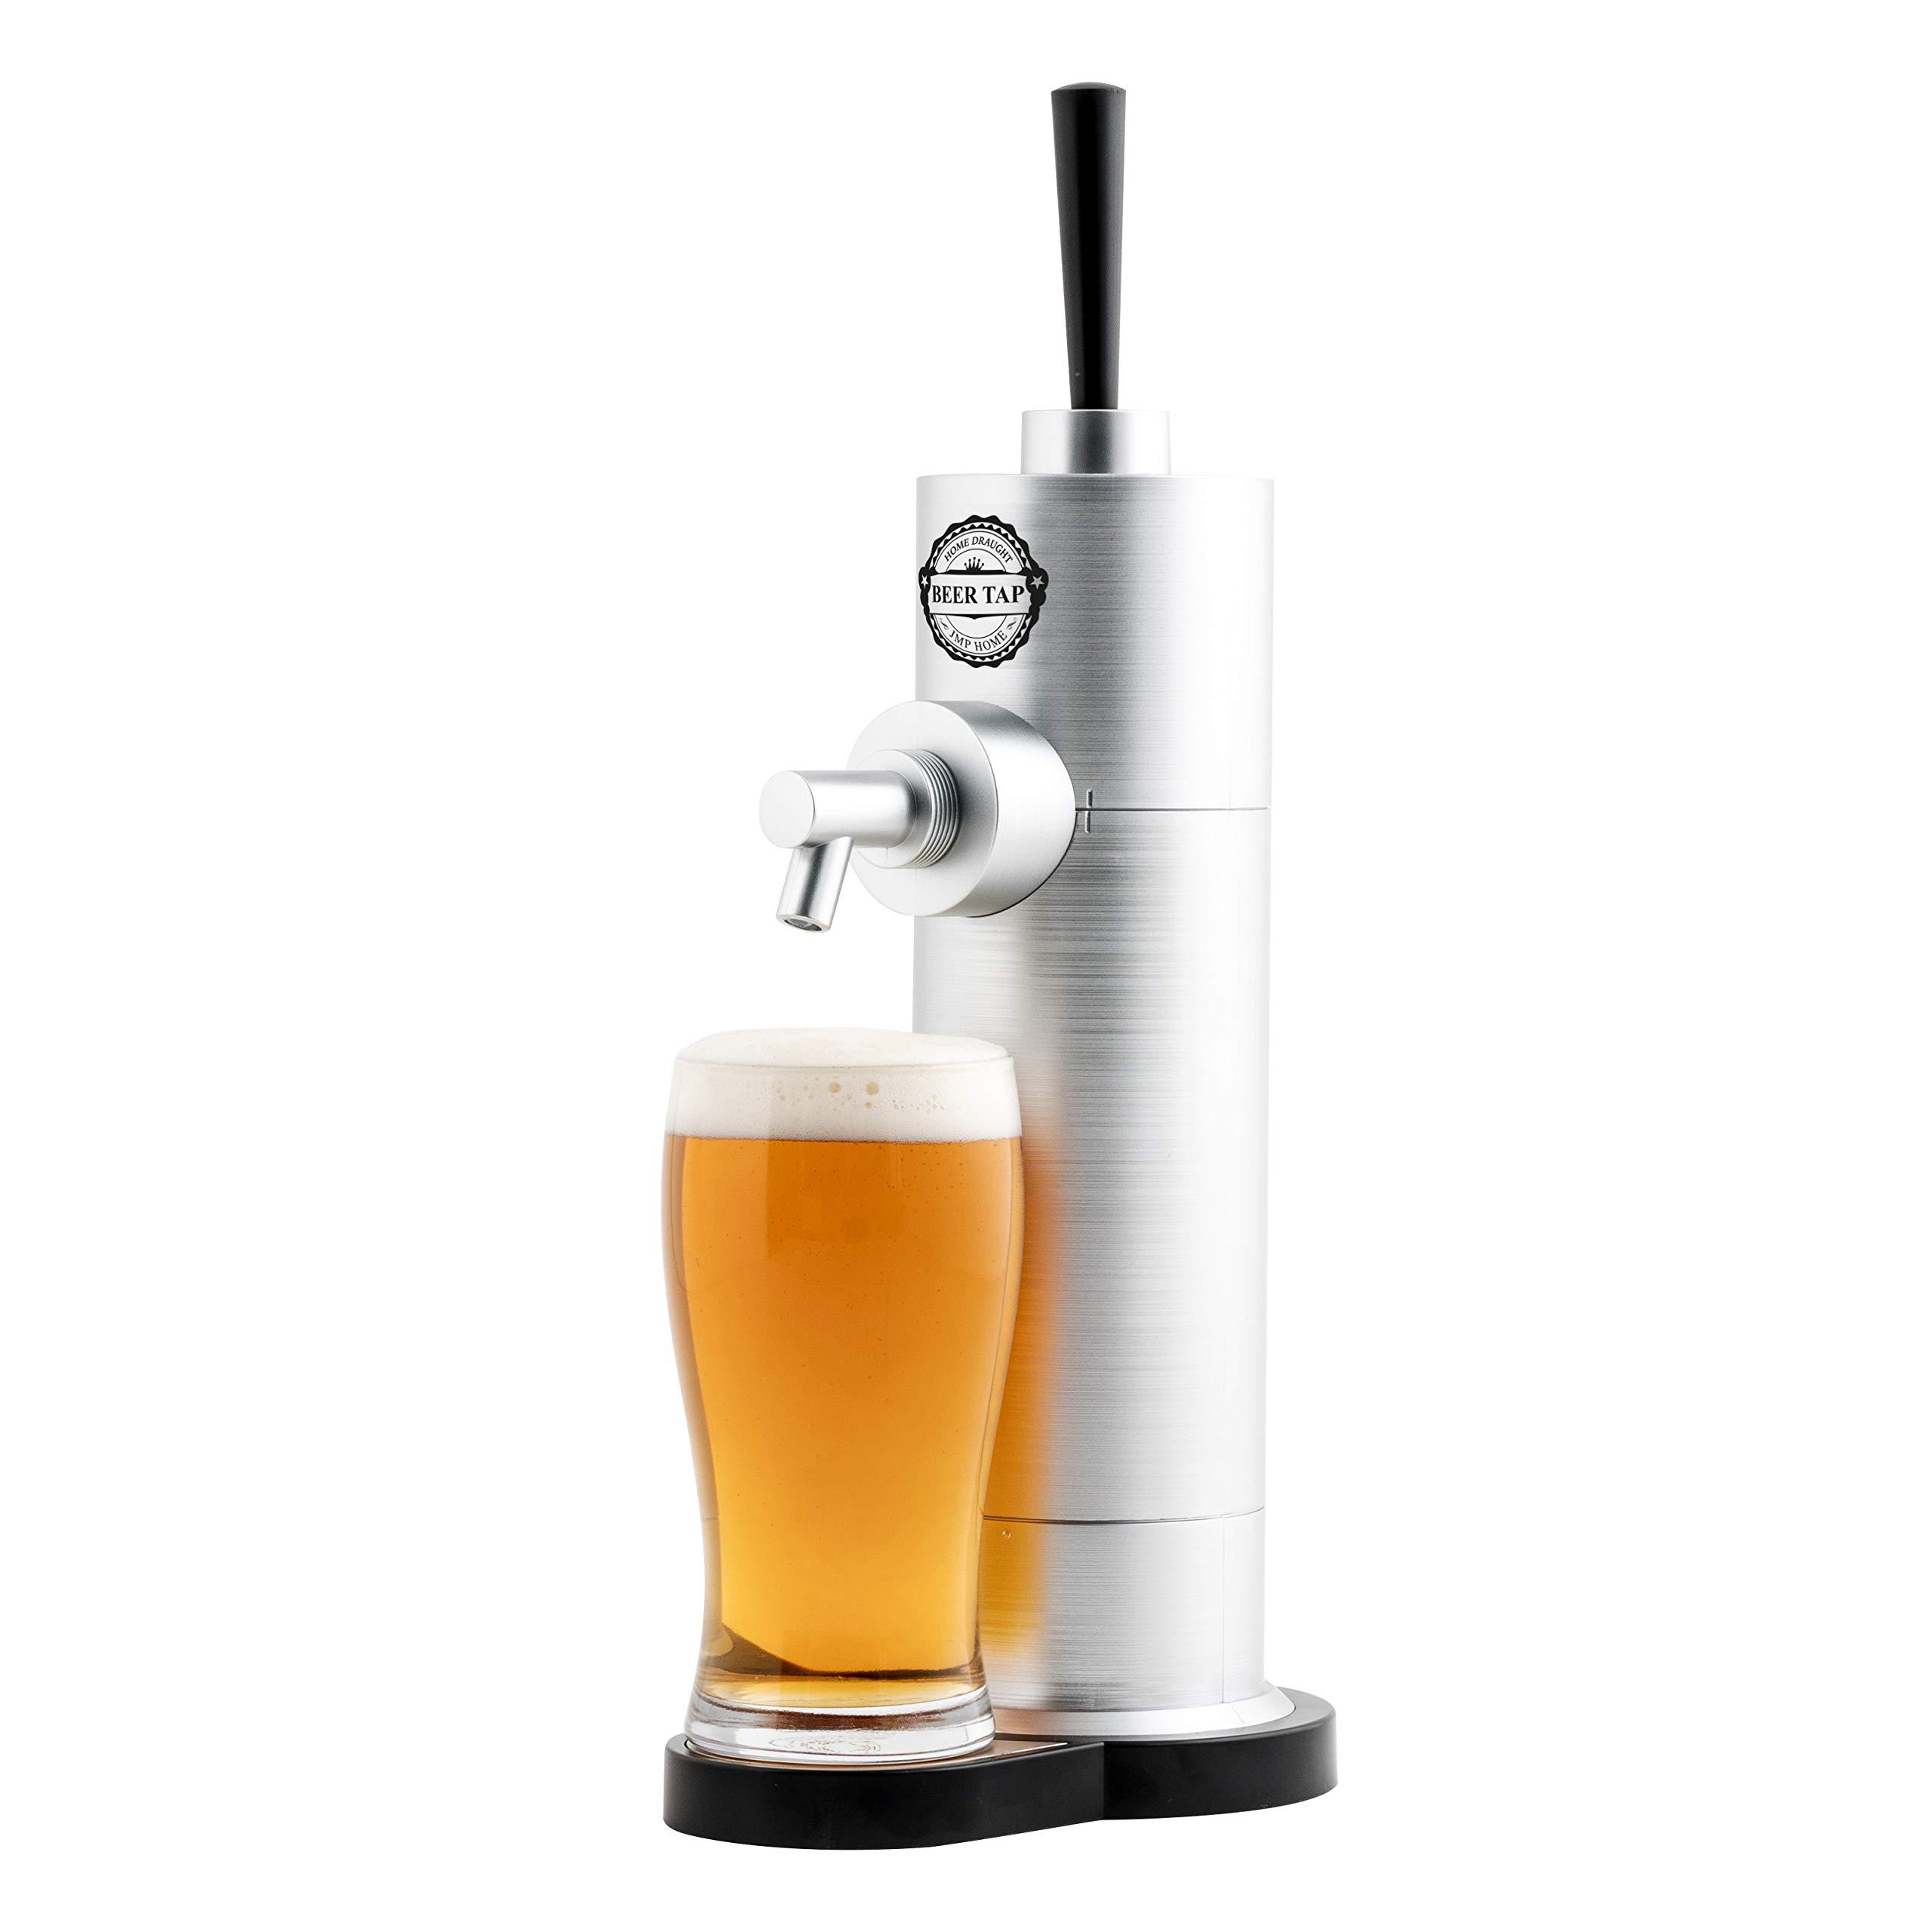 Spillatore birra da casa di jm posner dispenser per birra alla spina da casa - Spillatore birra da casa ...